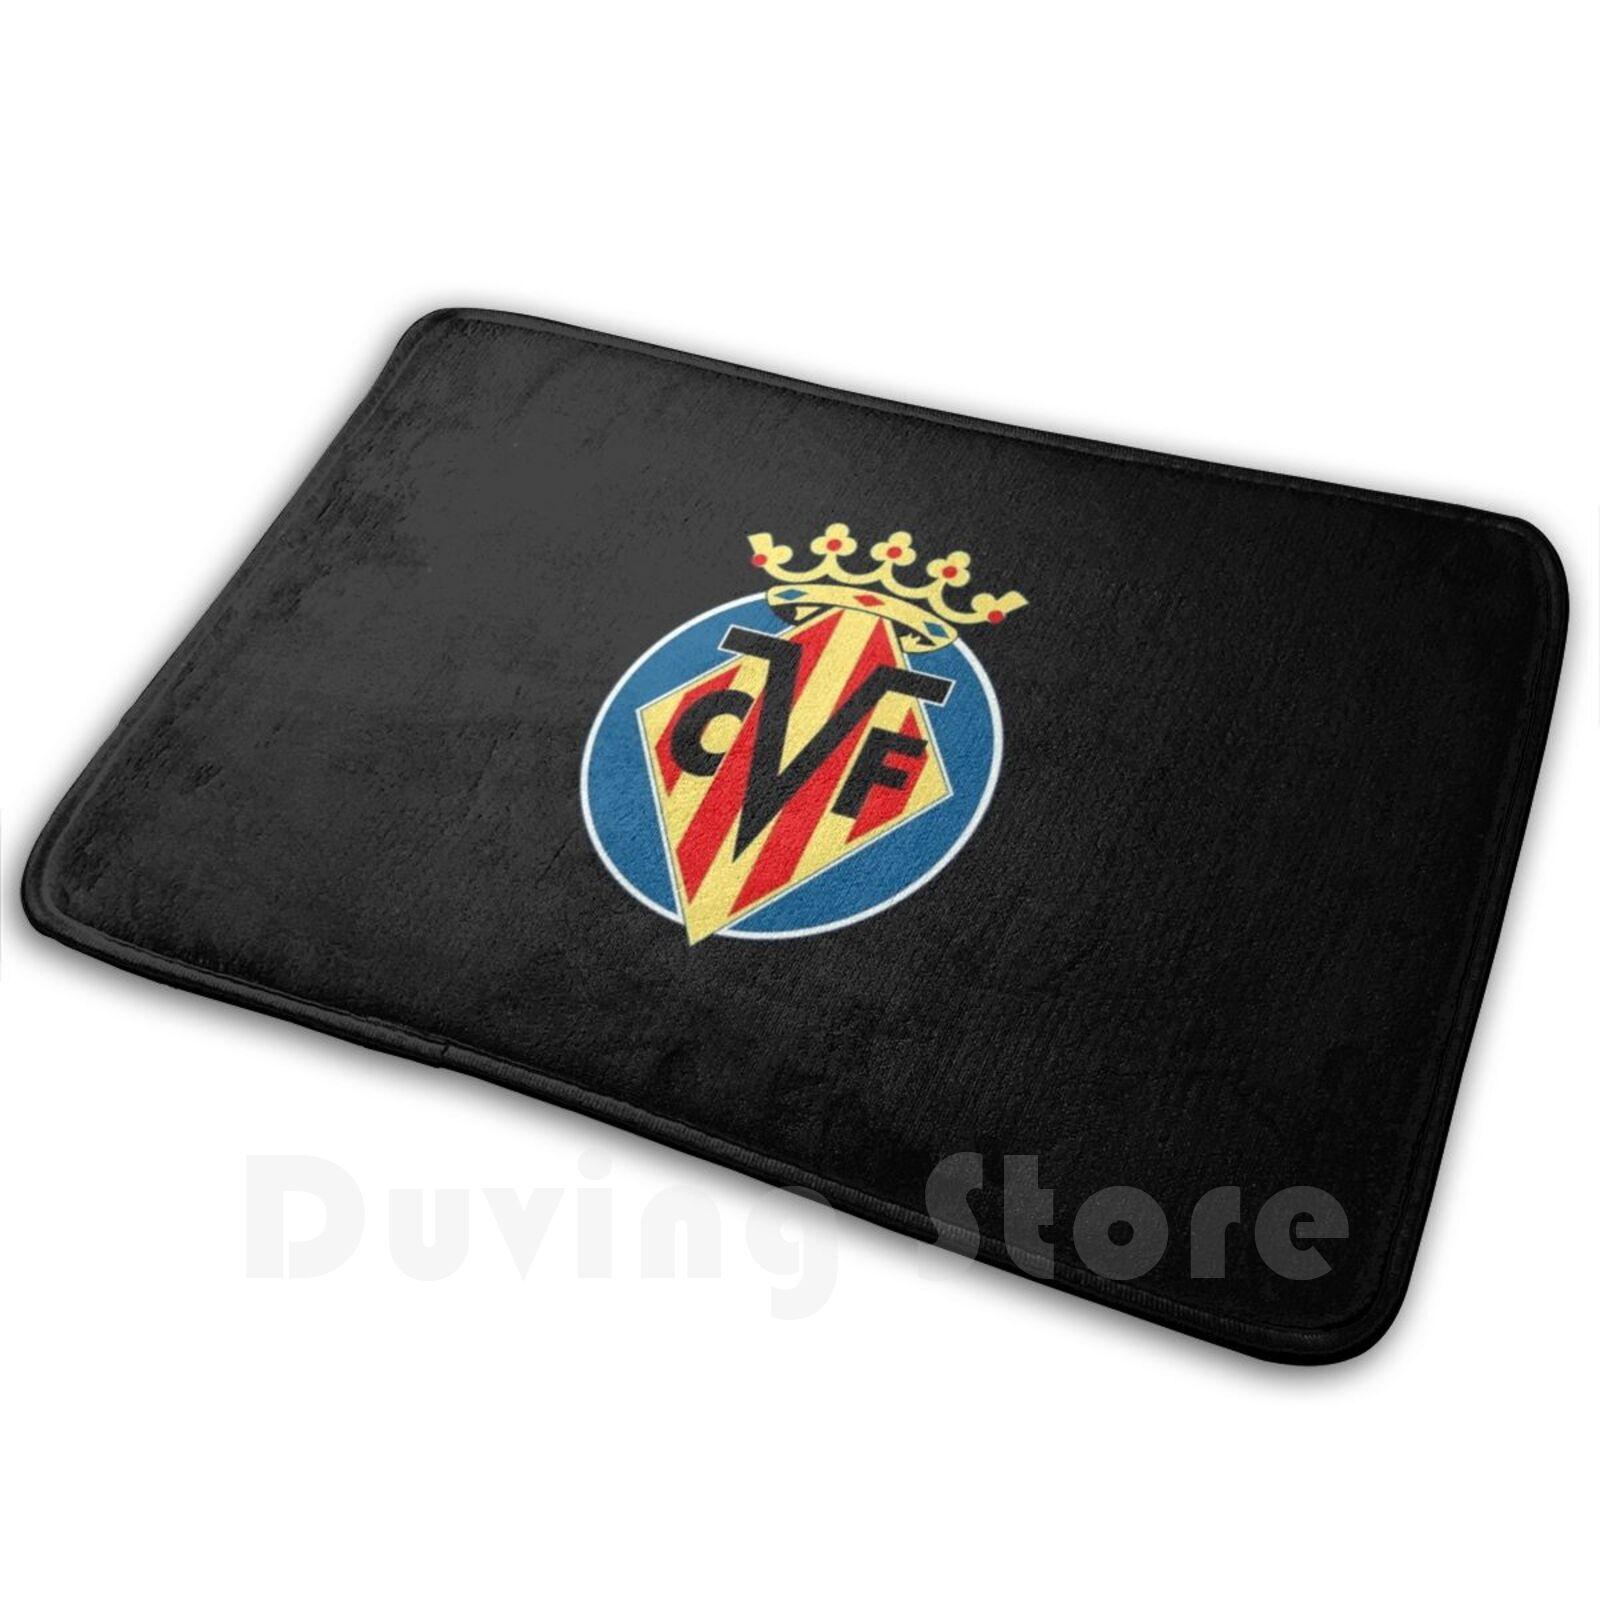 Villarreal-alfombra cómoda para la puerta, cojín de Villarreal, fútbol, deporte de fútbol,...